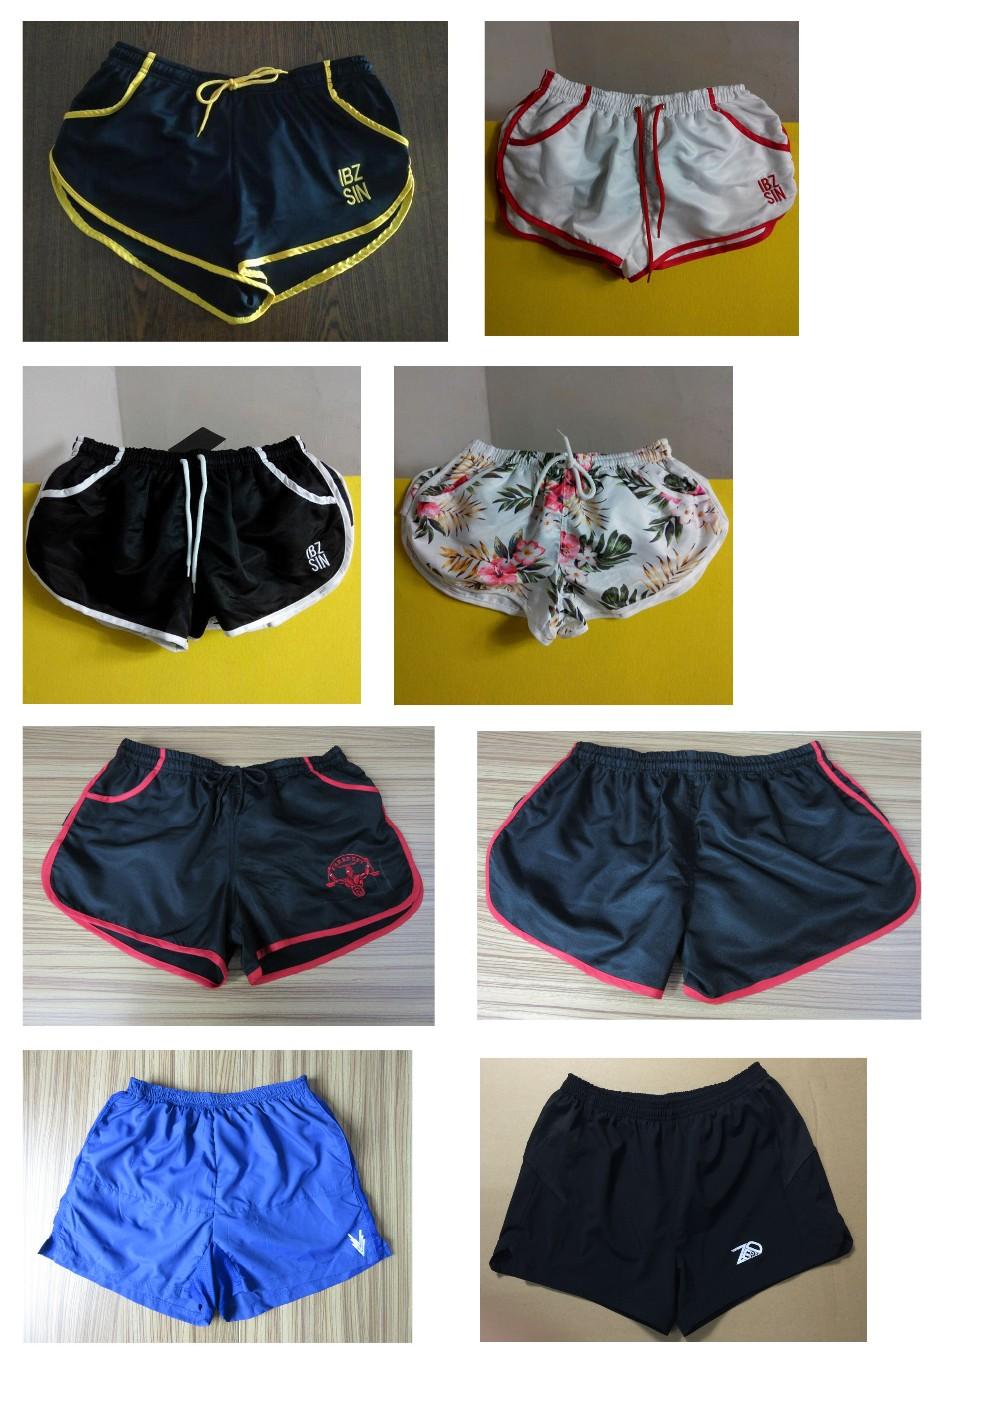 0c8b81dd6d Personalizado para Hombre Pantalones cortos de gimnasio bordado de logo  pantalones cortos venta al por mayor